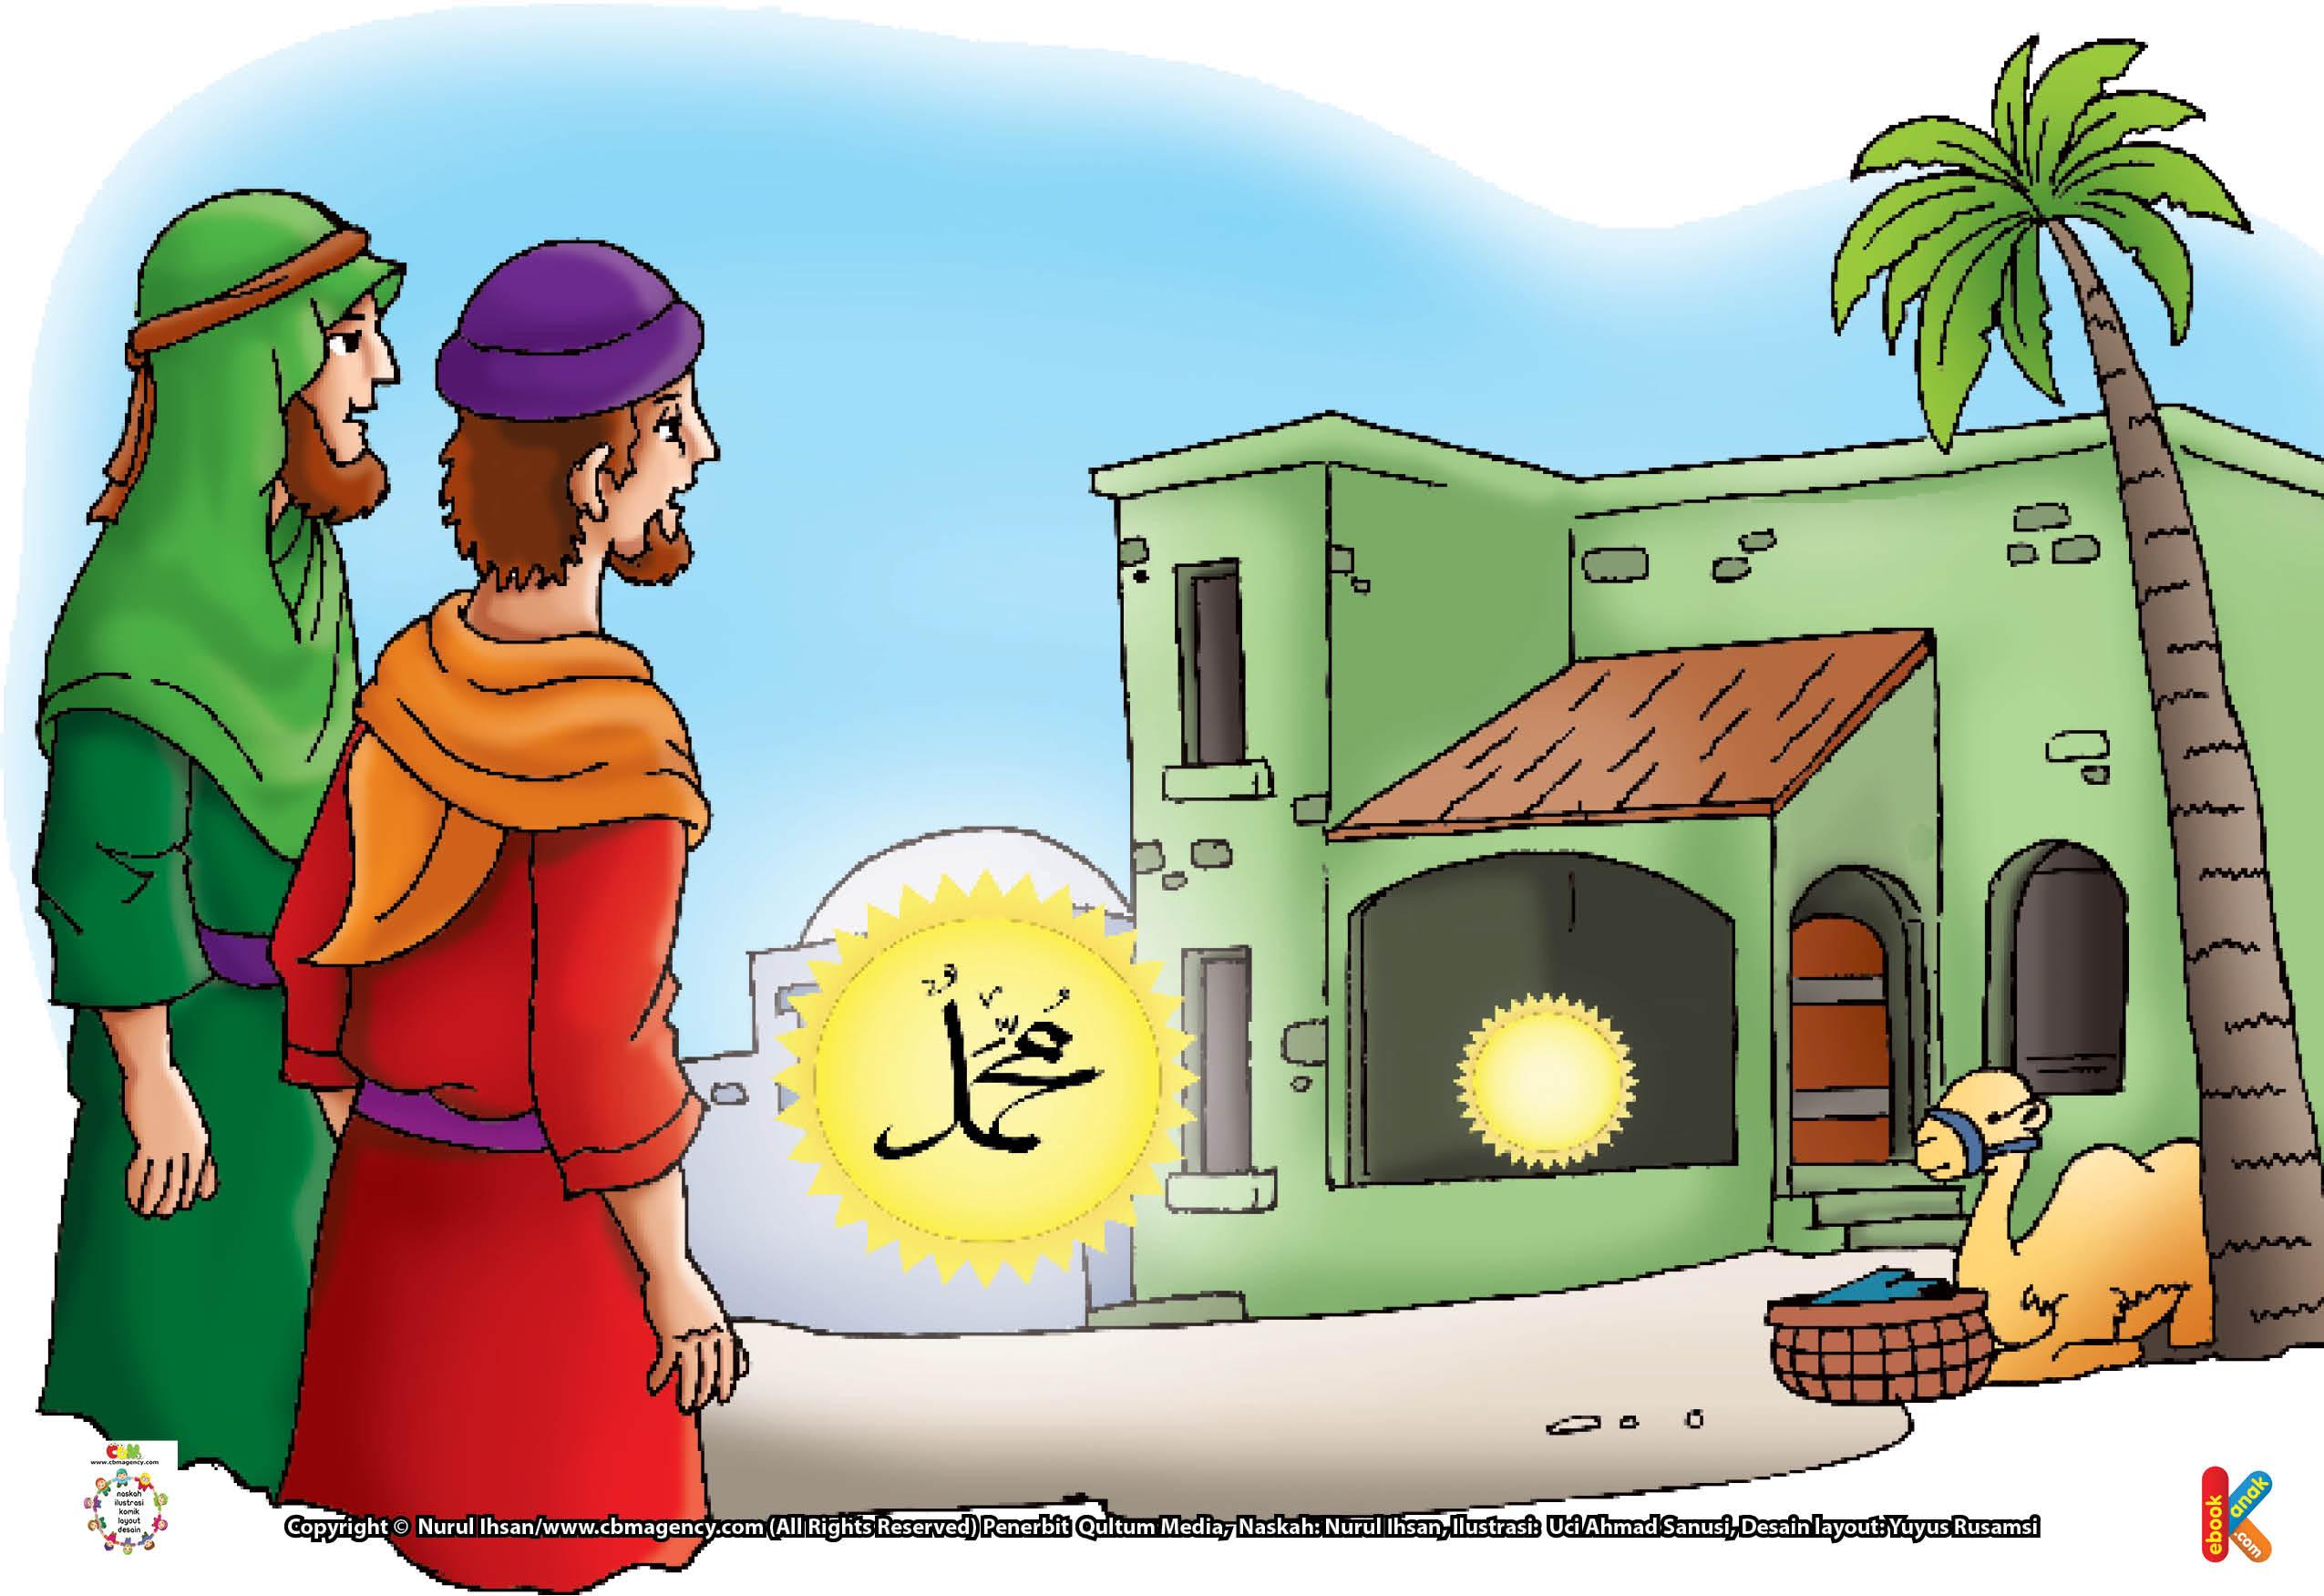 Rasulullah pernah berwasiat kepada umat Islam untuk belajar dari Salim Maula Abu Hudzaifah.